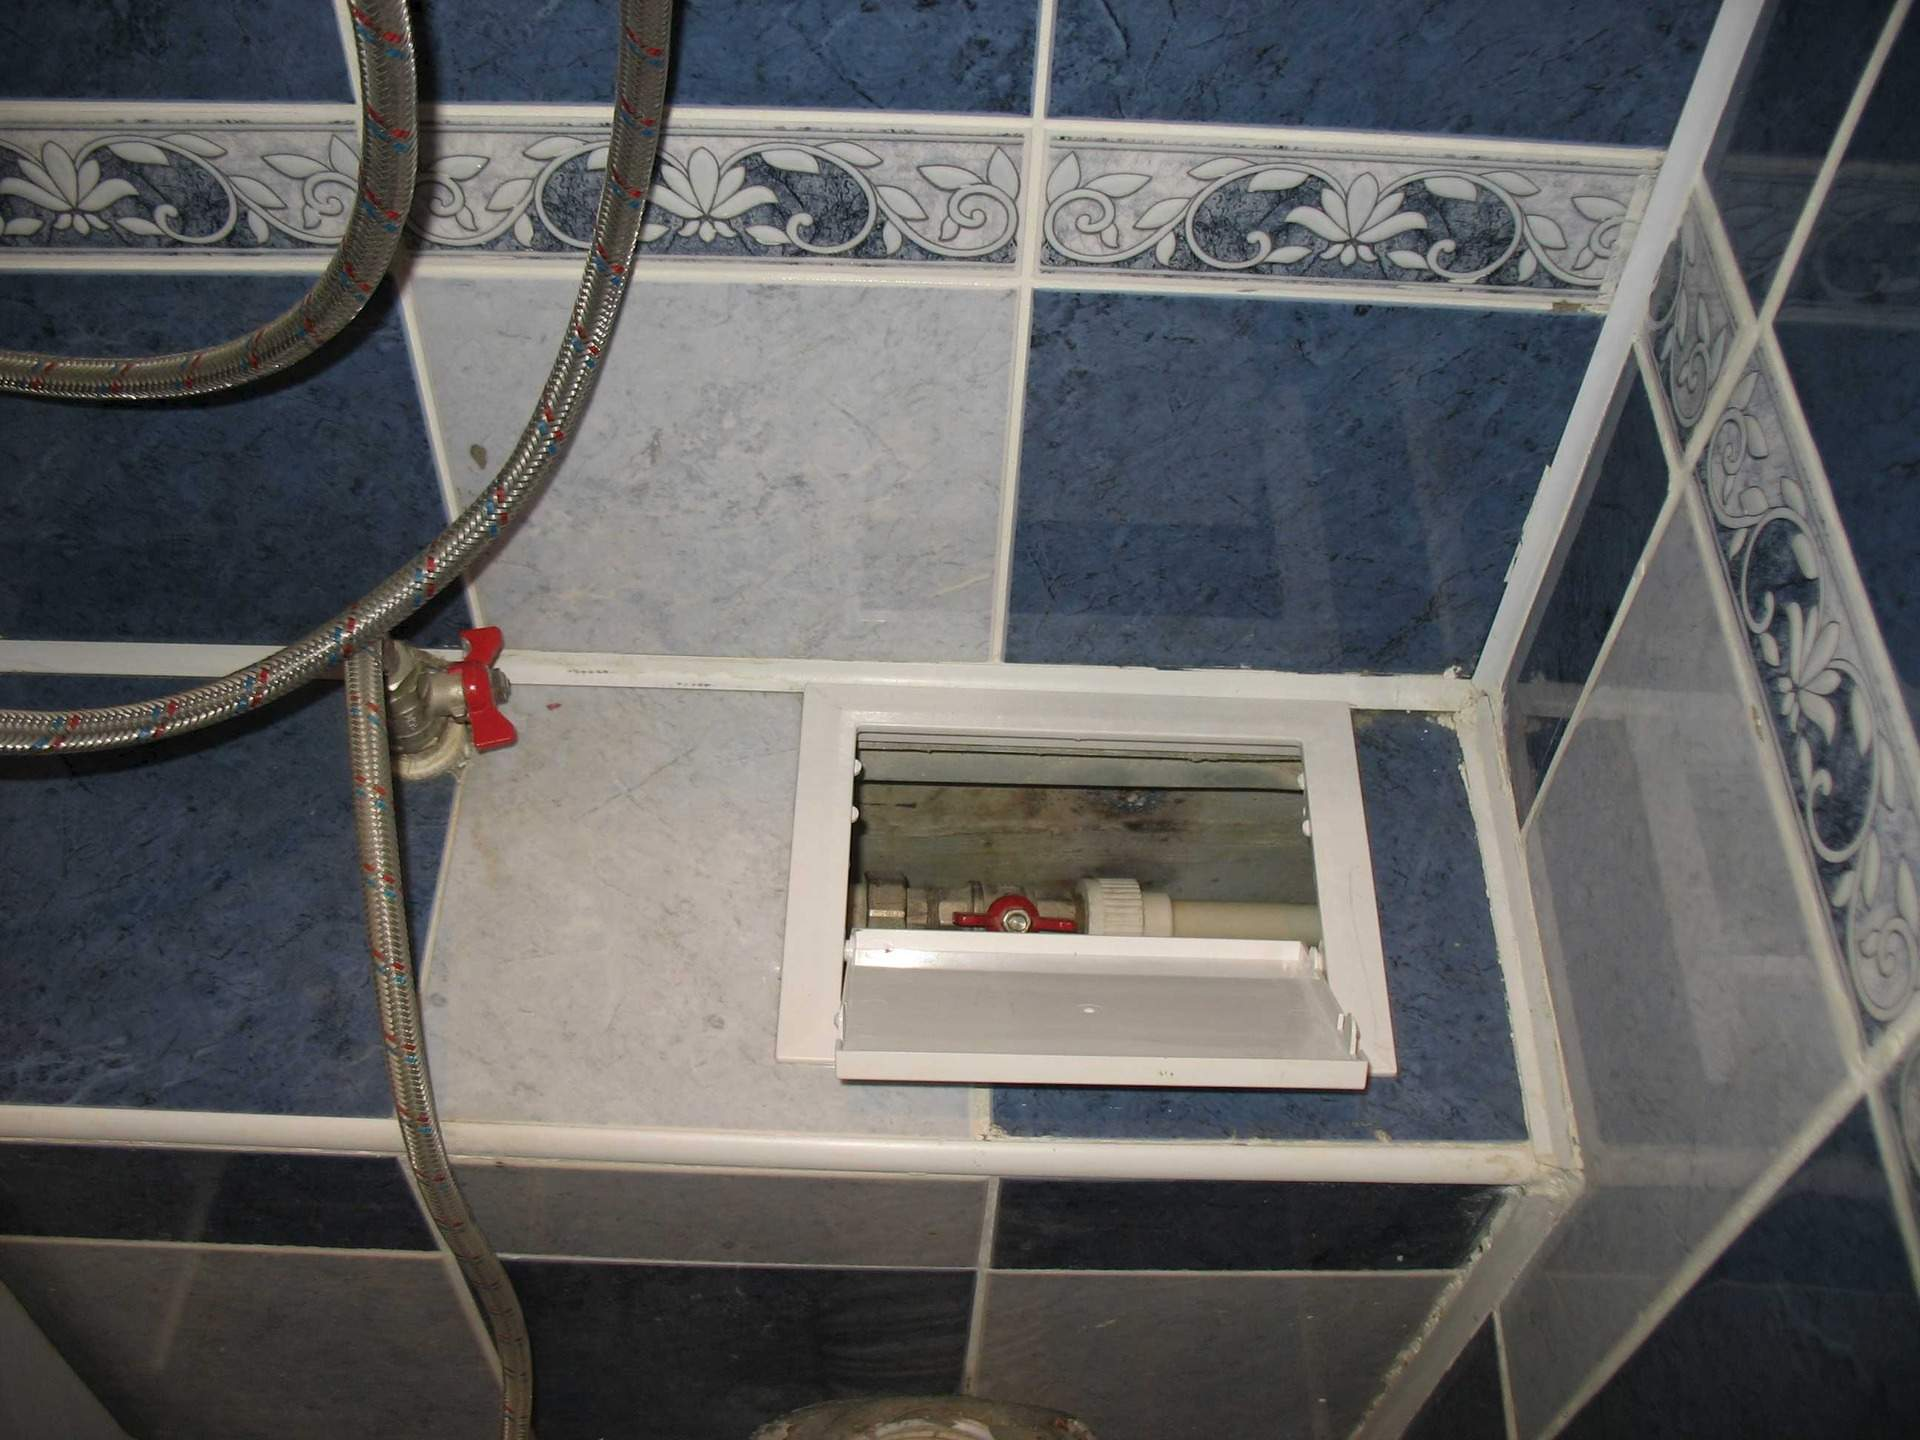 схема установки счетчиков воды для согласования